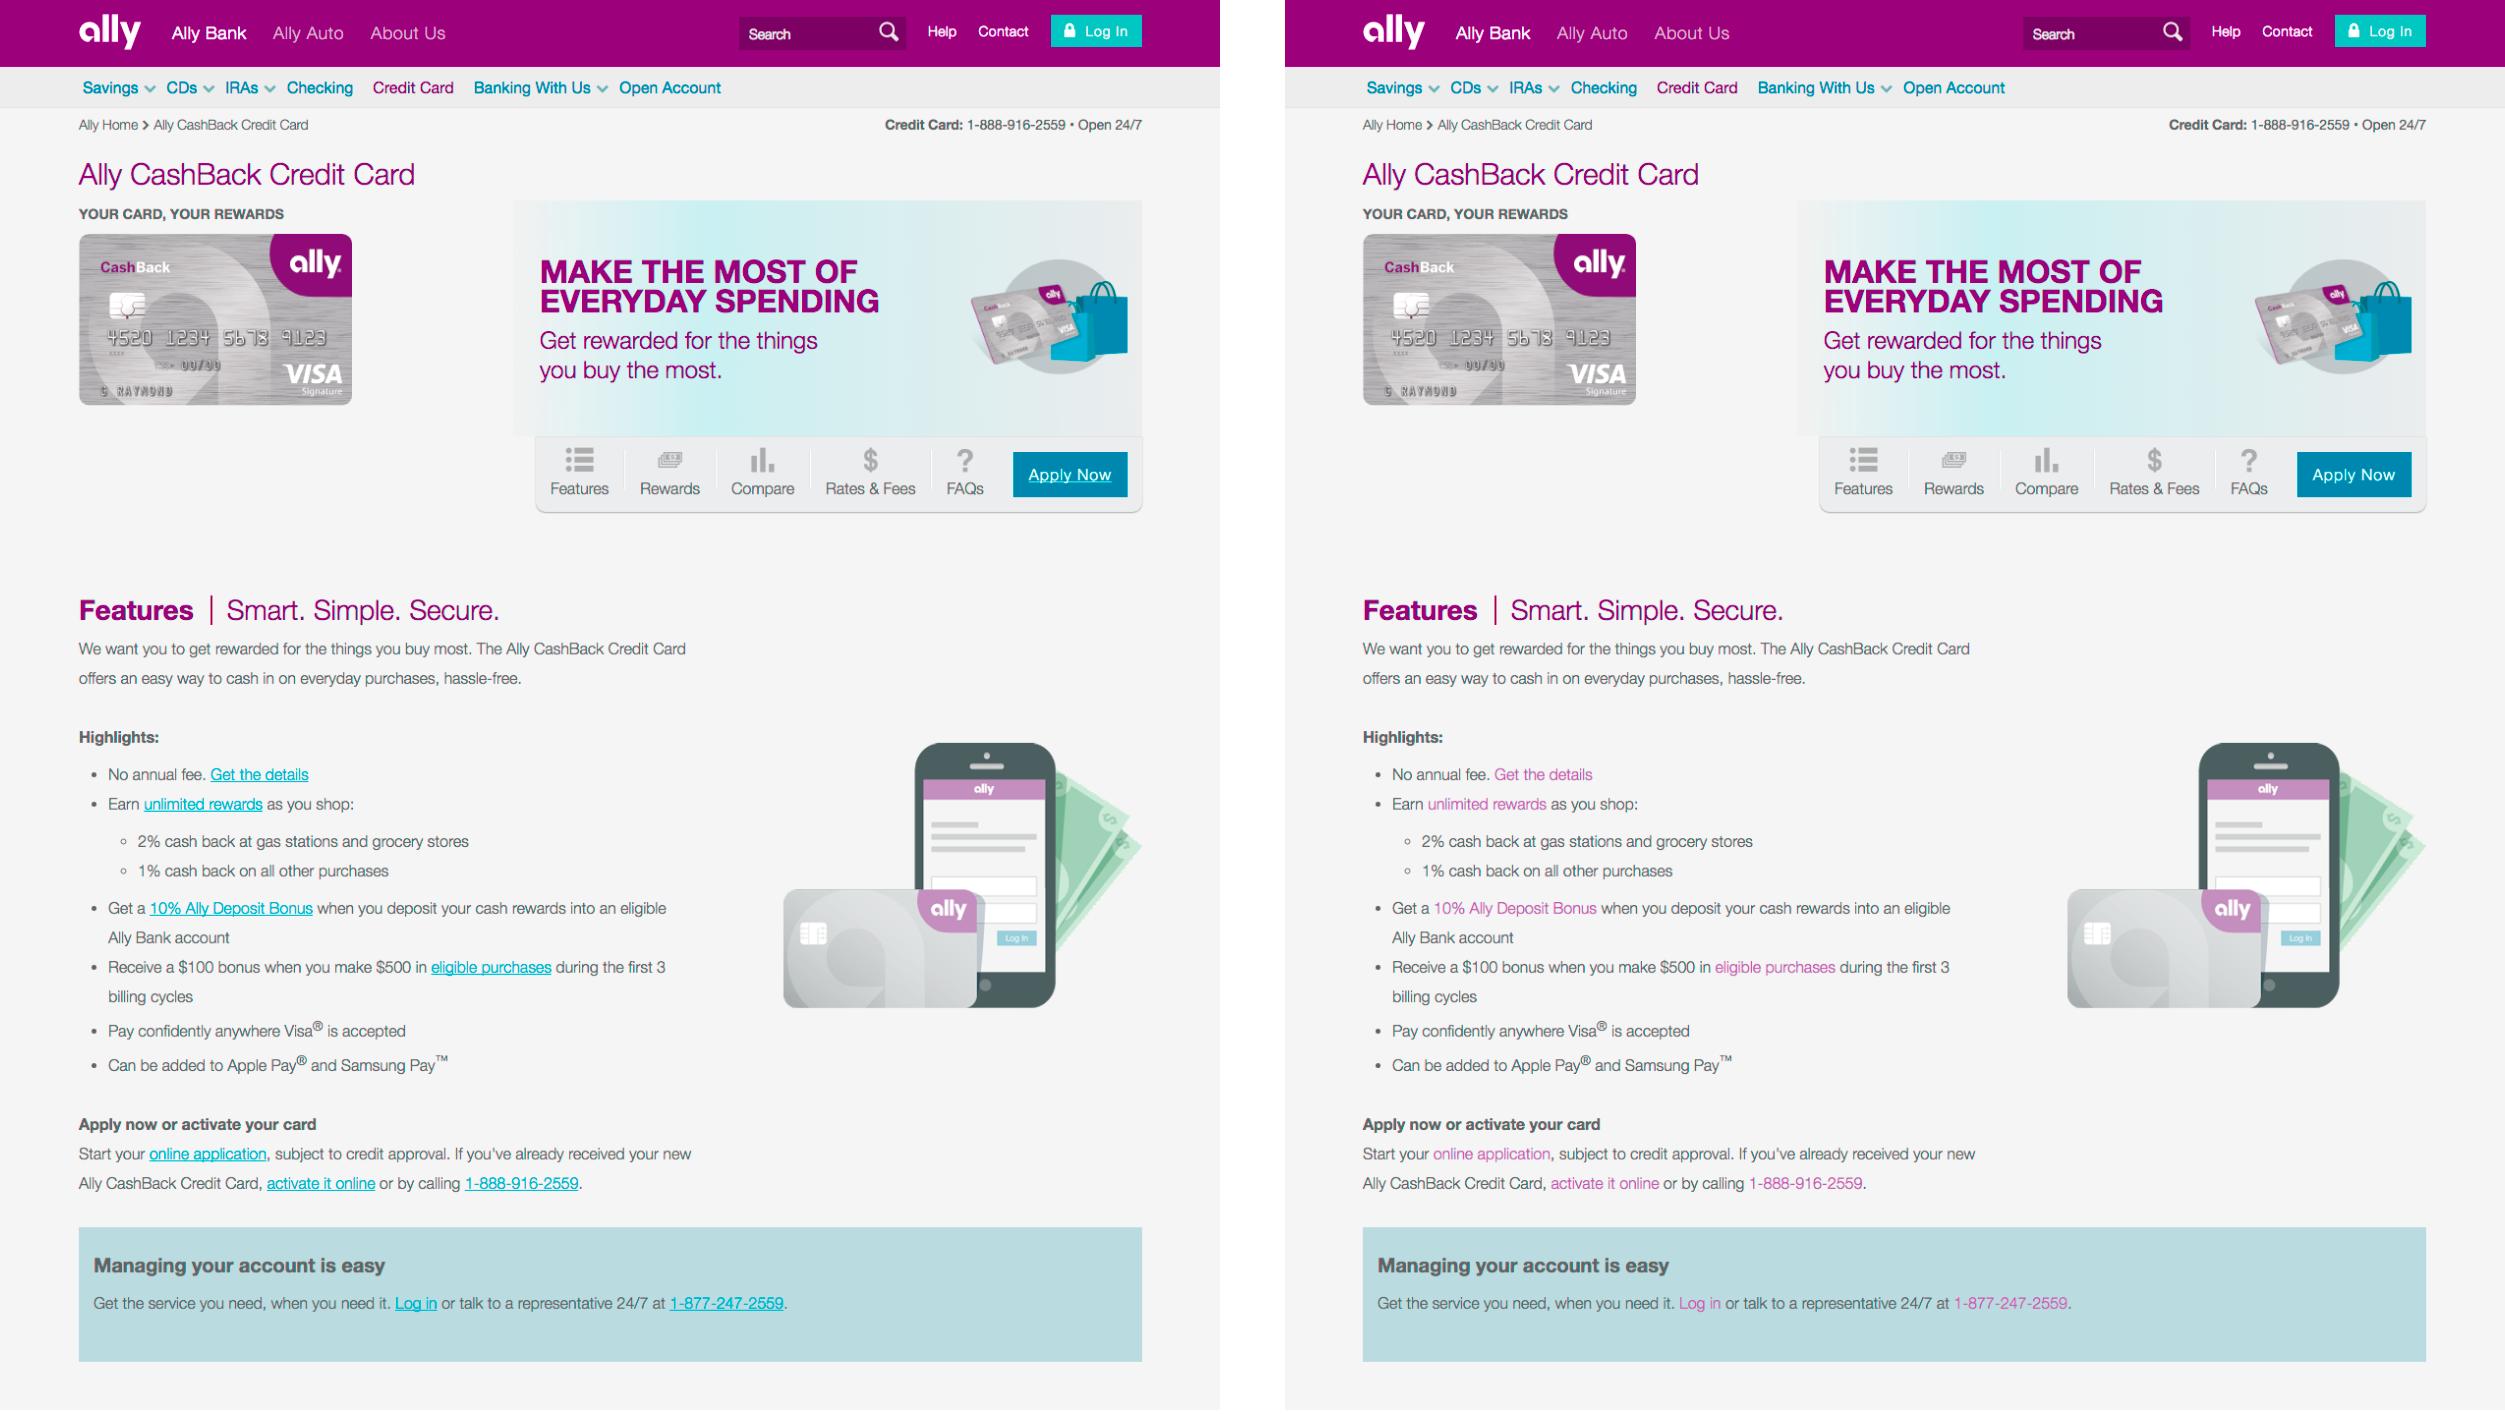 两个Ally Bank页面版本的并排比较